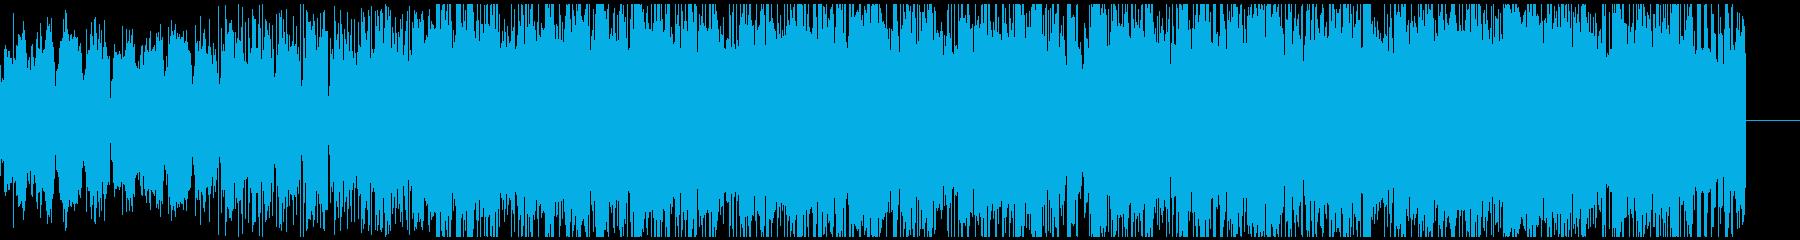 寂しげなスローでトリッキーなEDMの再生済みの波形